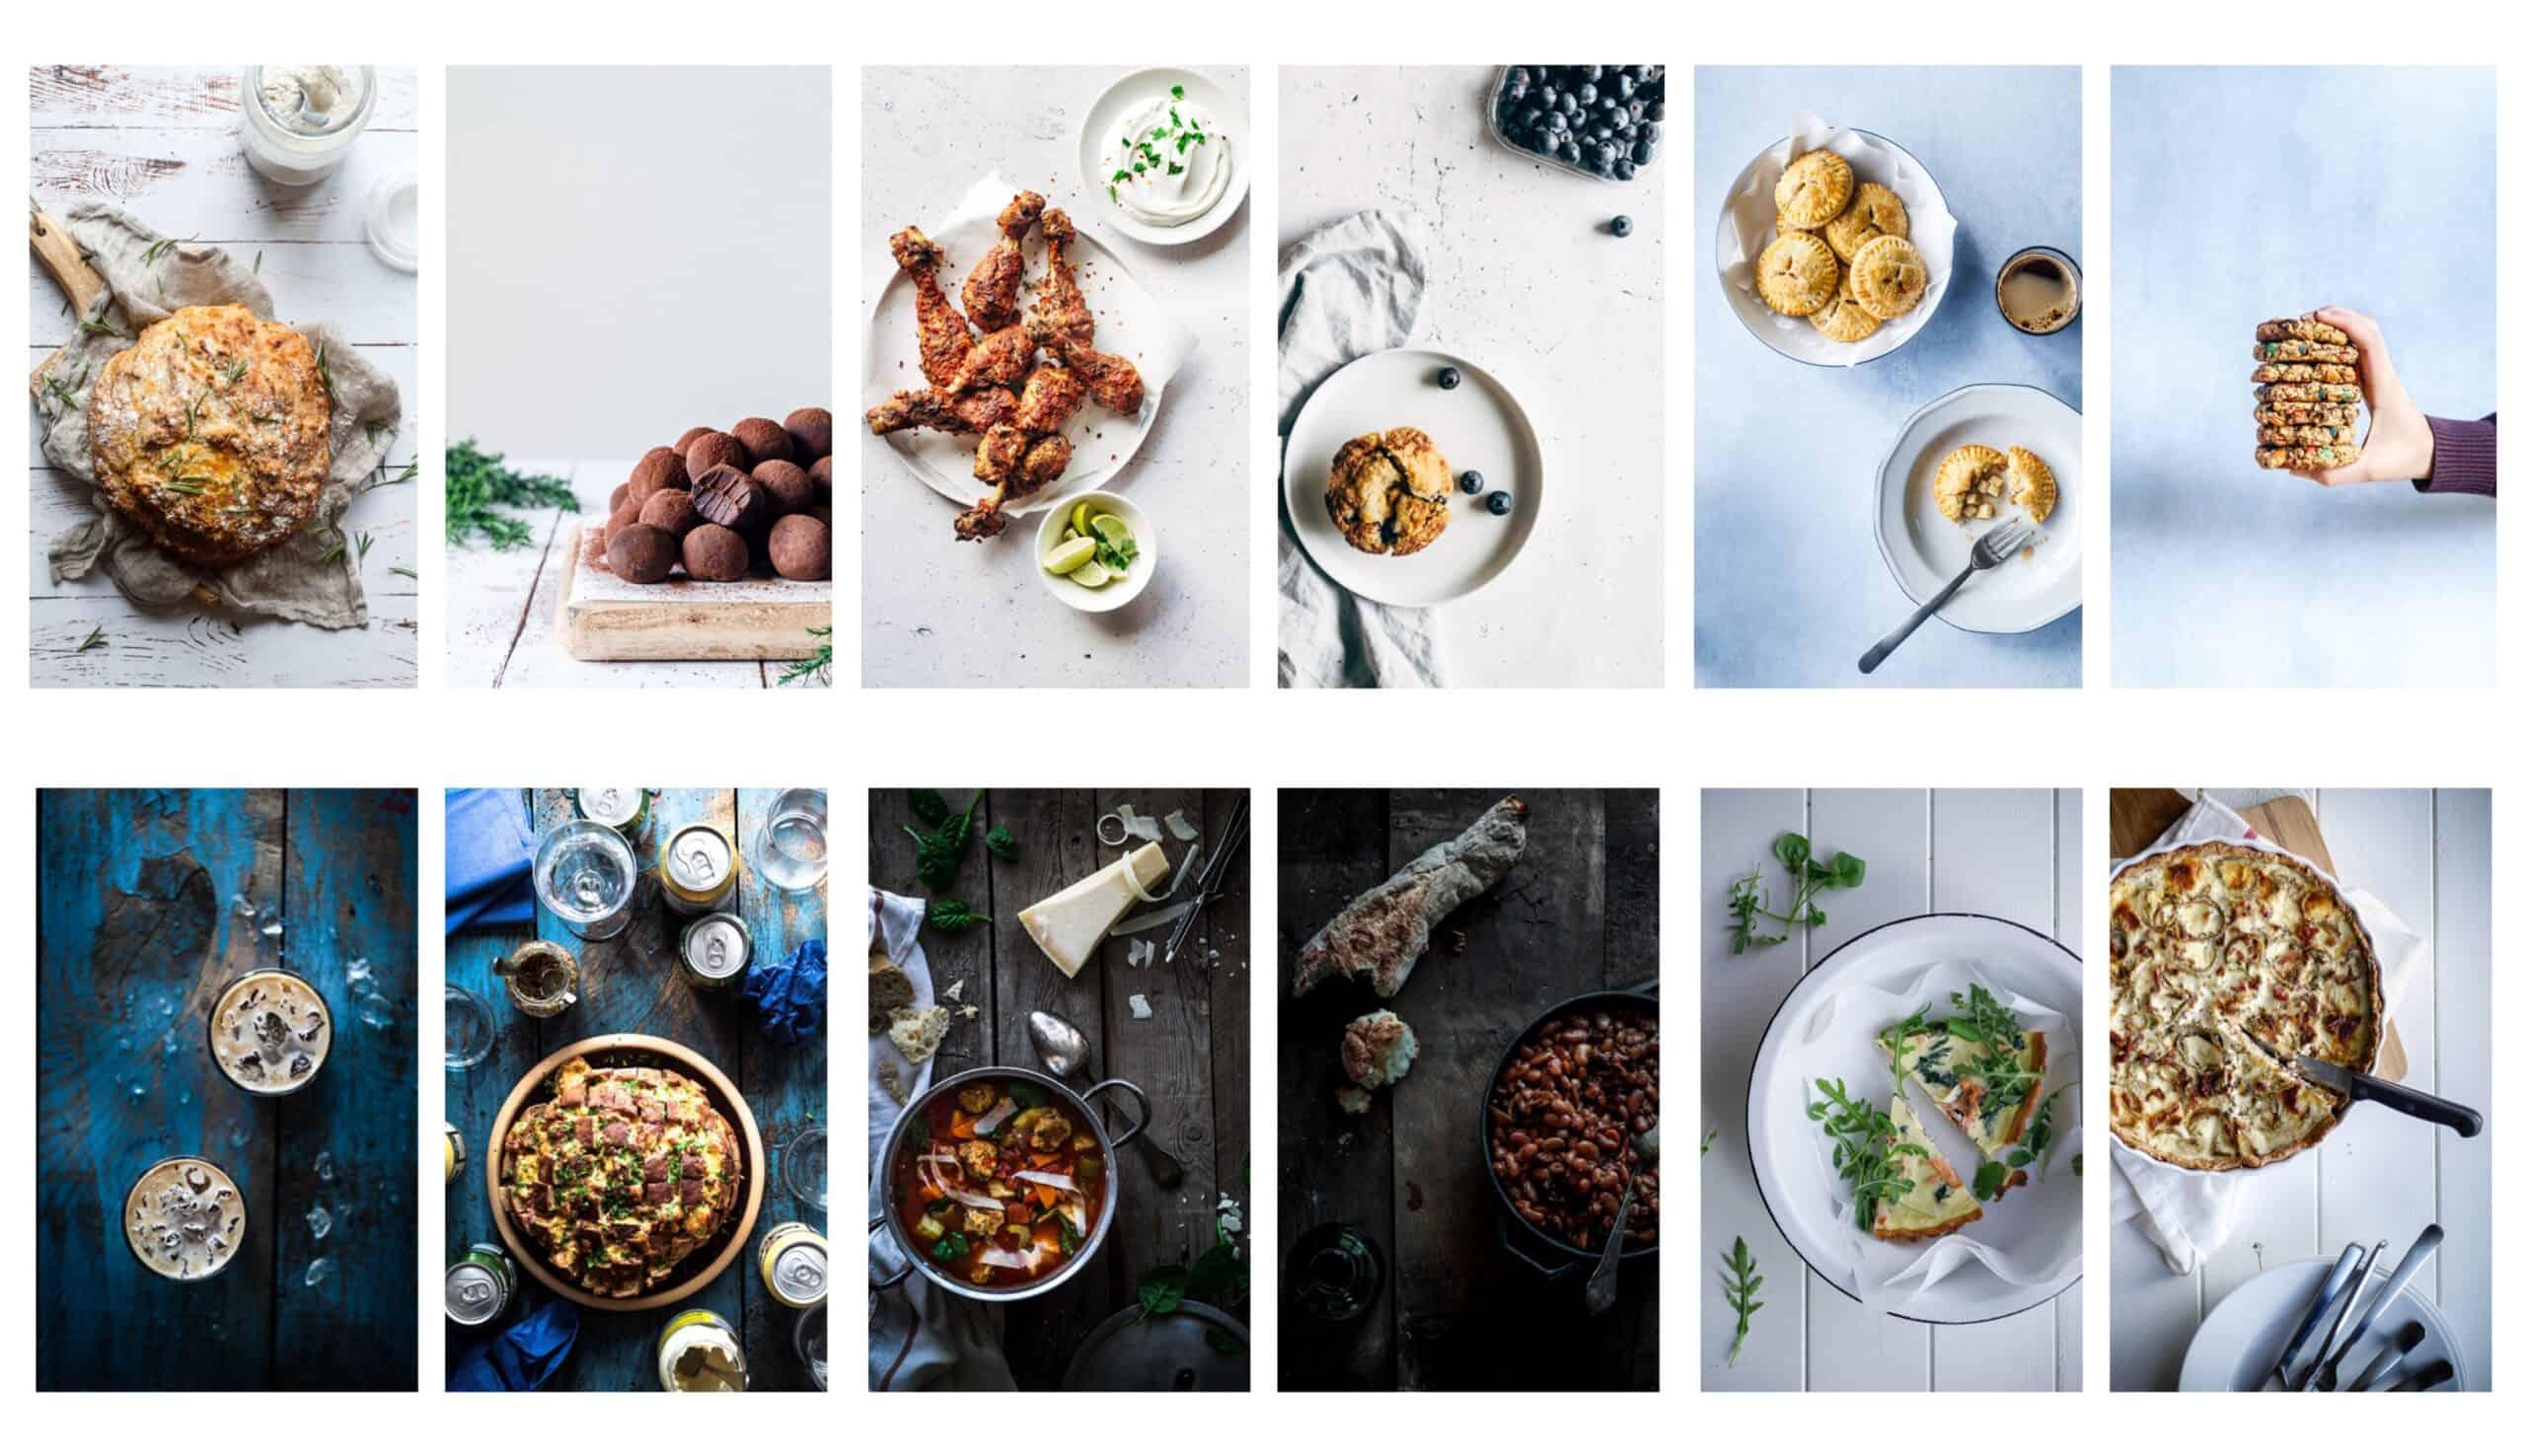 baggrunde til madbilleder